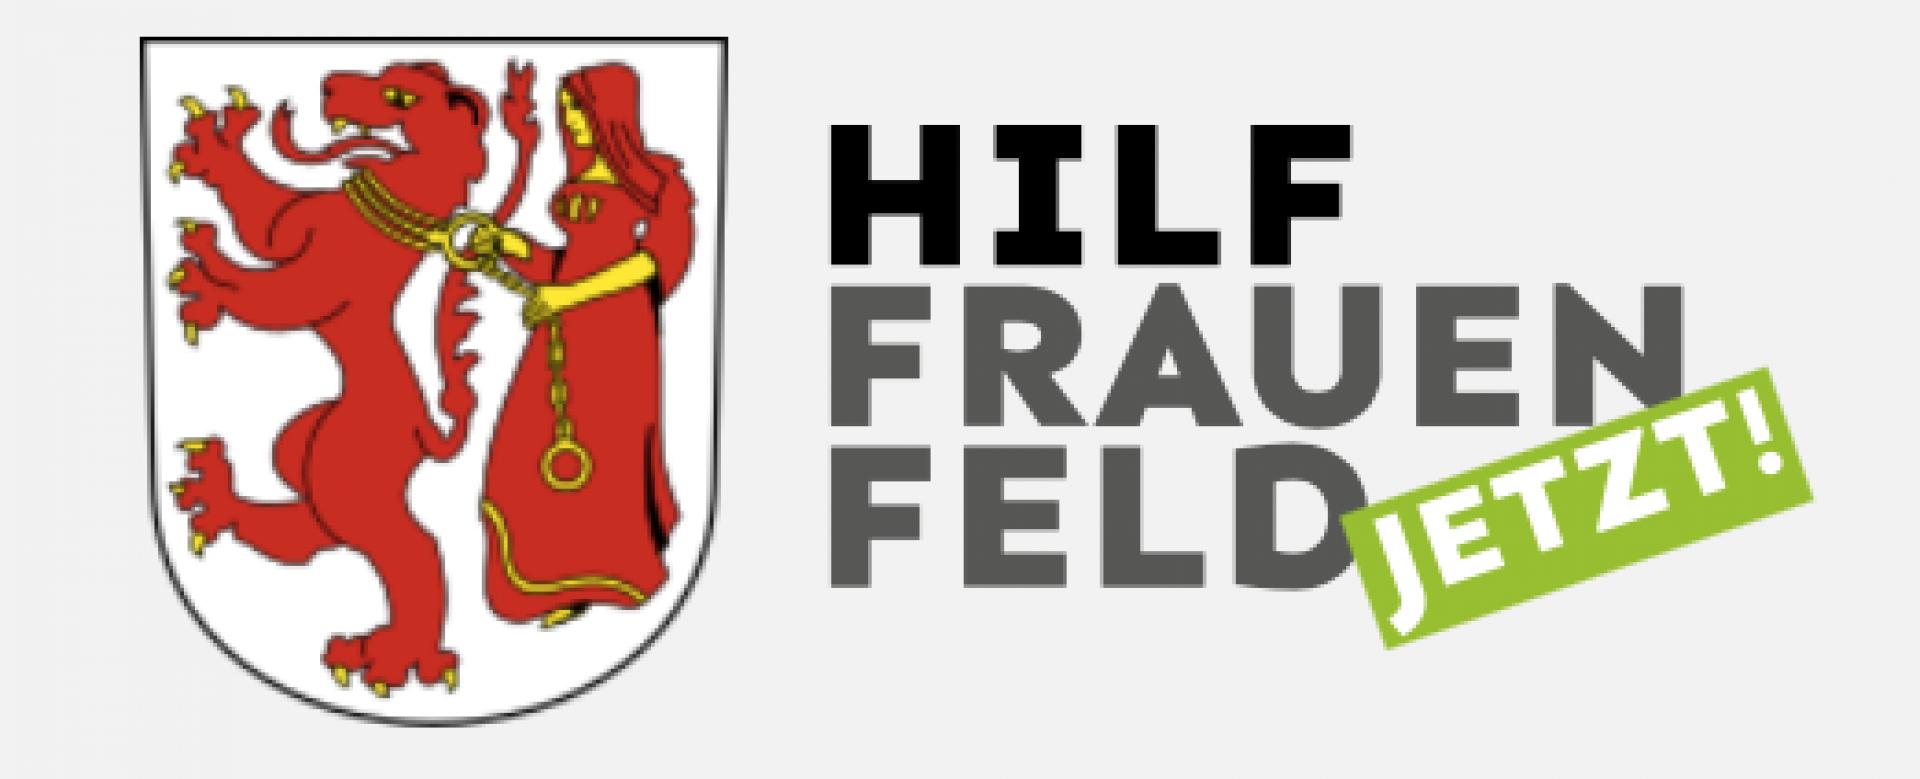 Hilf Frauenfeld